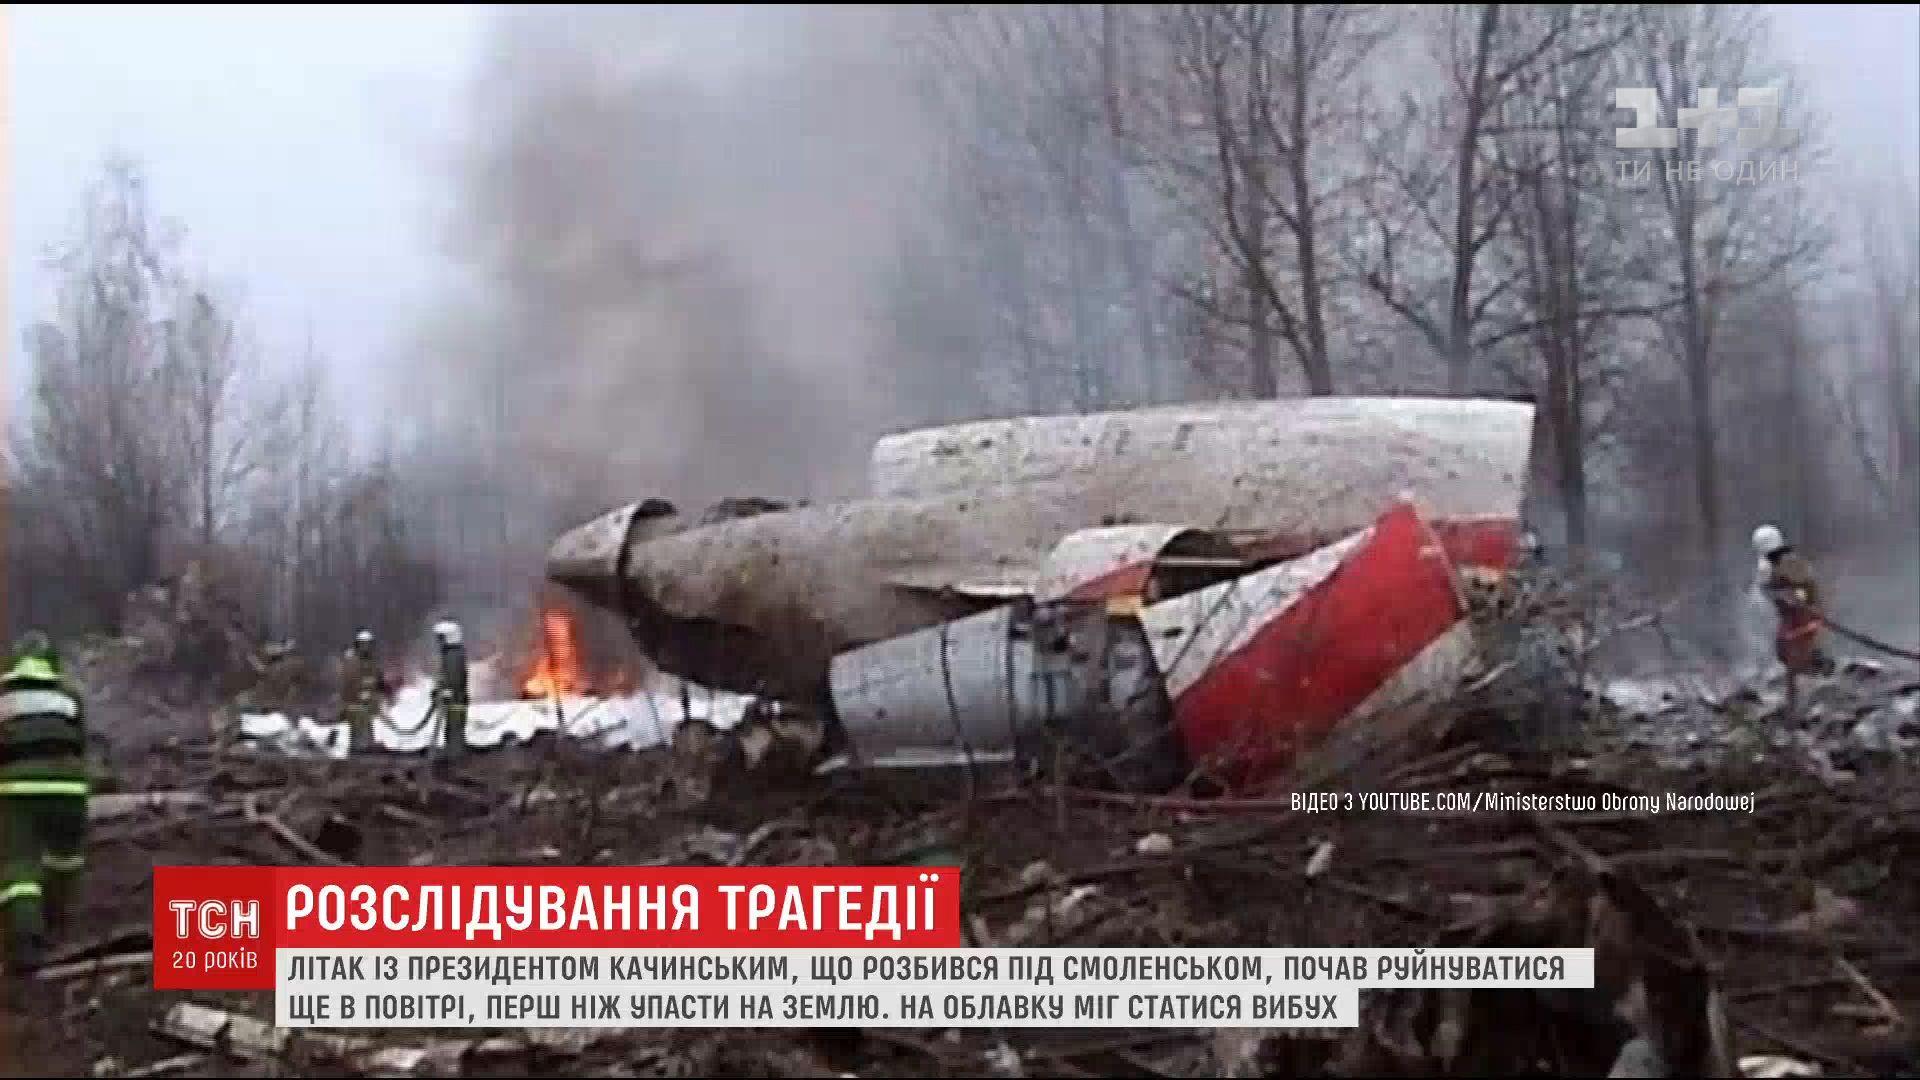 Путин отвергает версию о причастности России к крушению польского президентского самолета / Кадр из видео ТСН